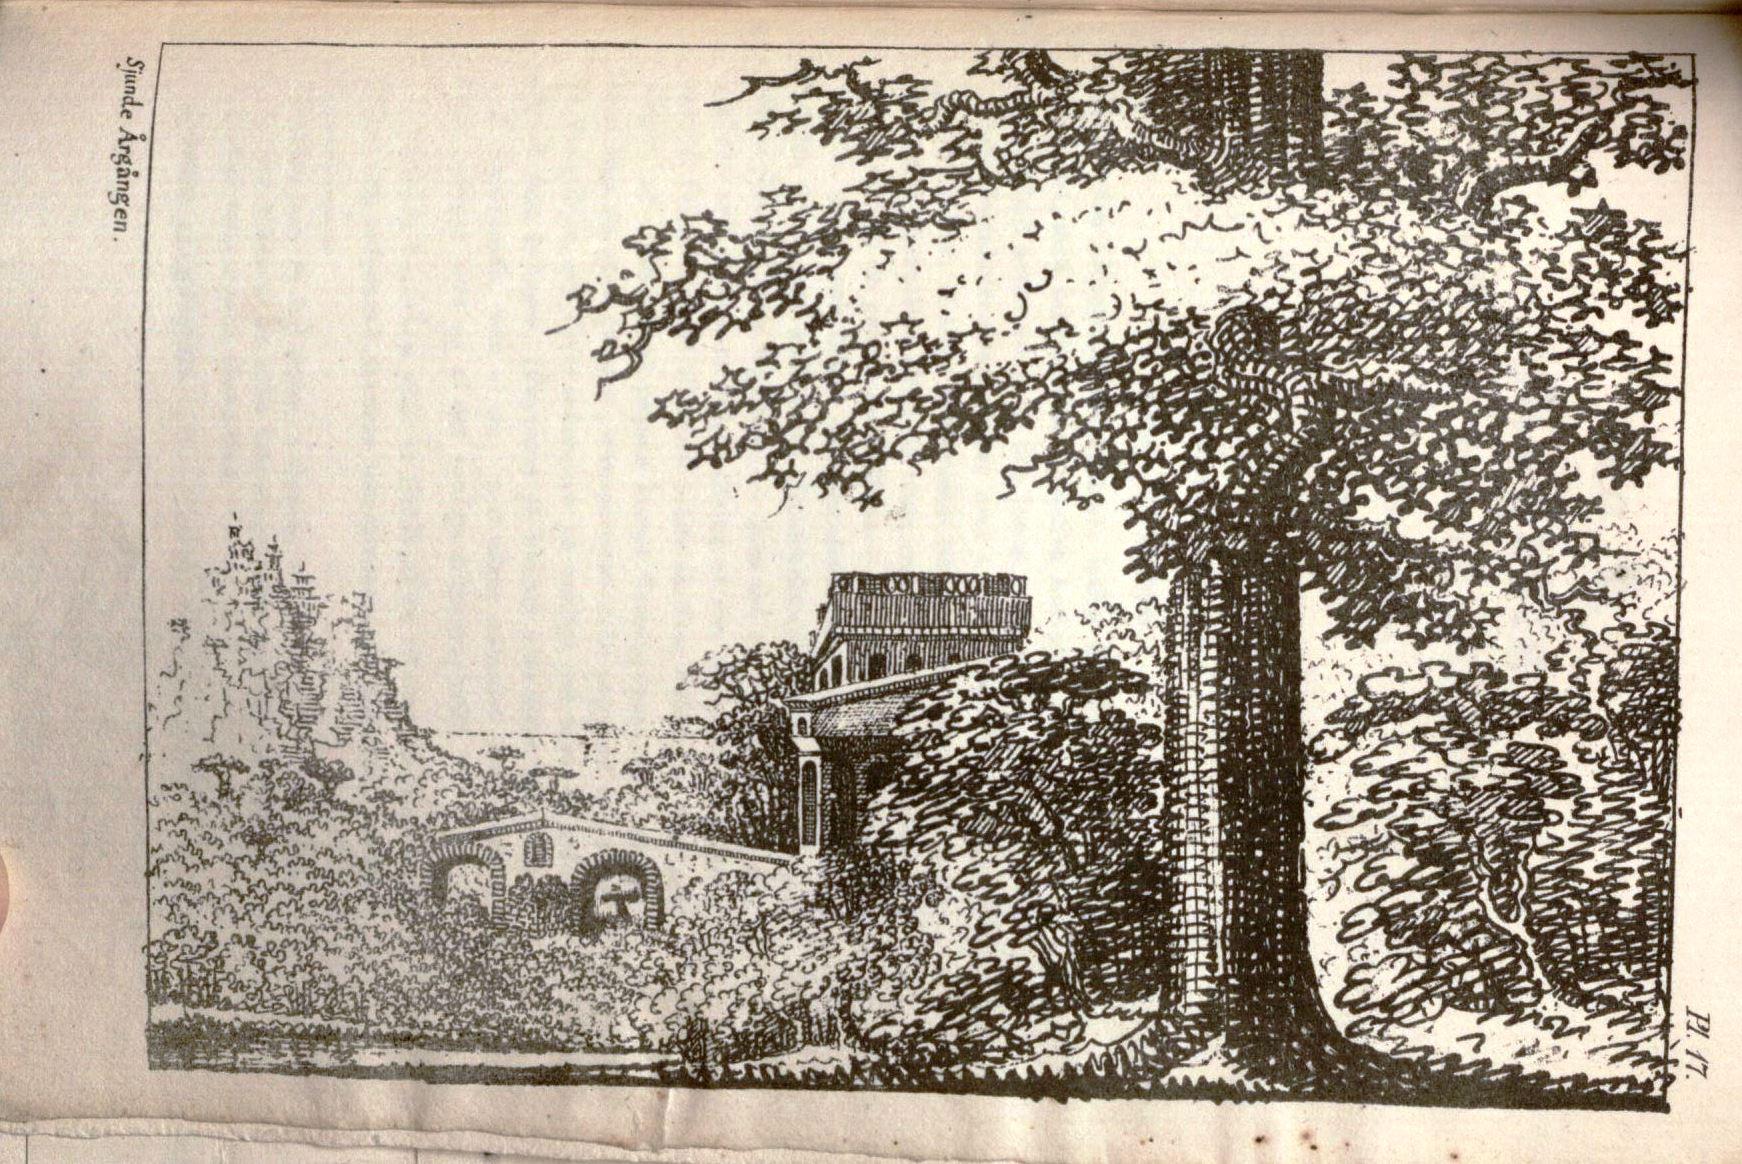 Magasin för konst. Stockholm, May 1830.